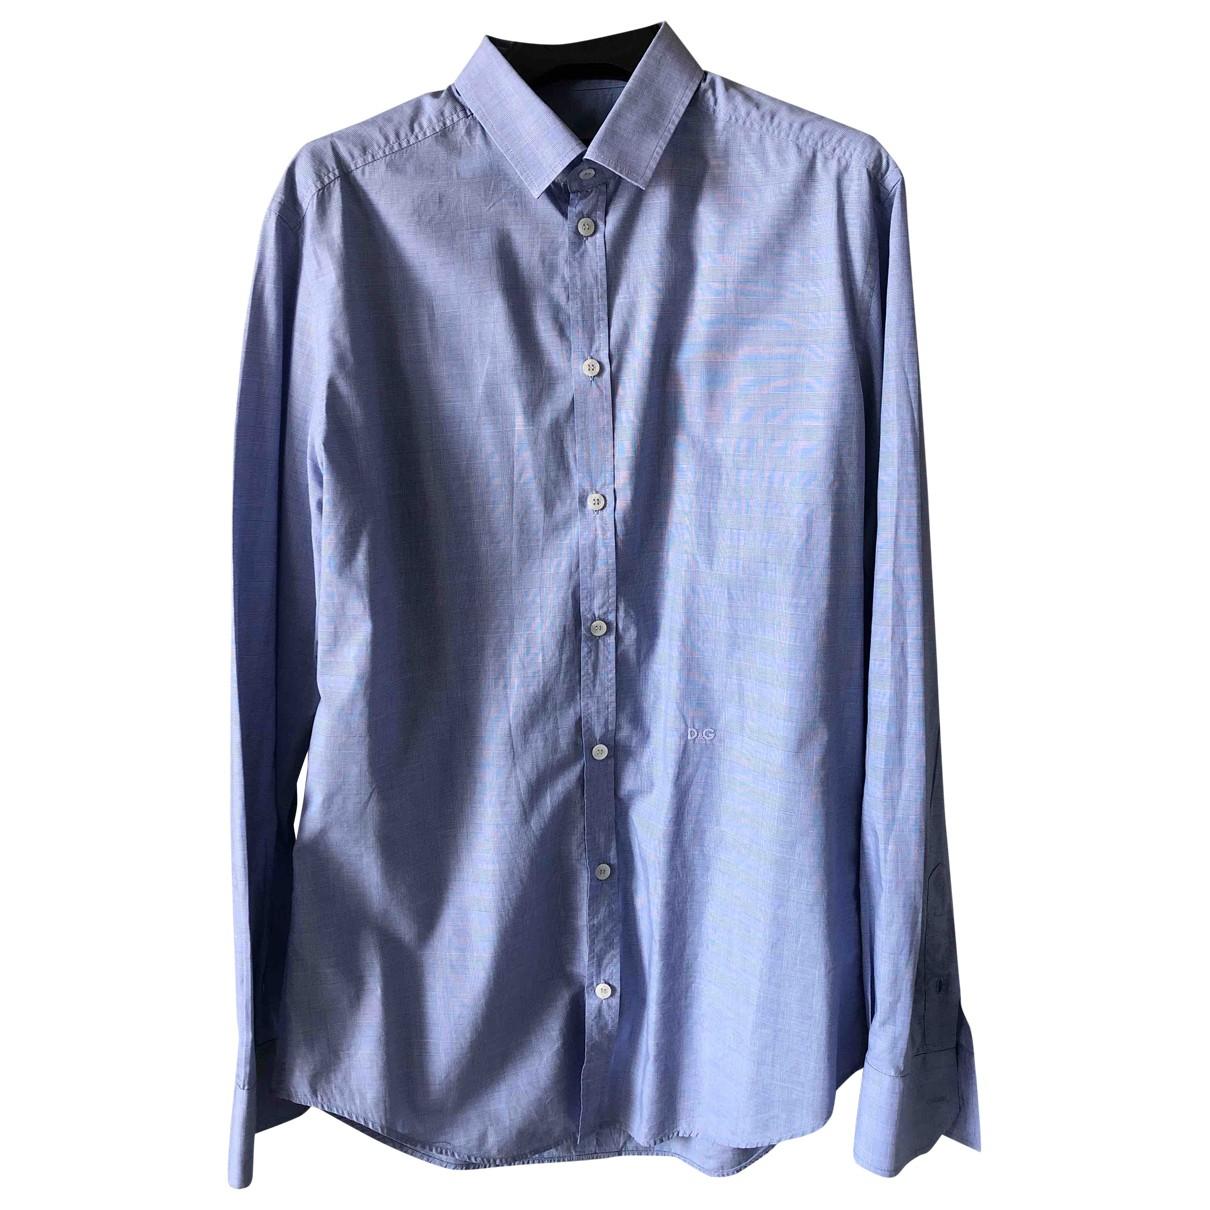 D&g \N Blue Cotton Shirts for Men 40 EU (tour de cou / collar)